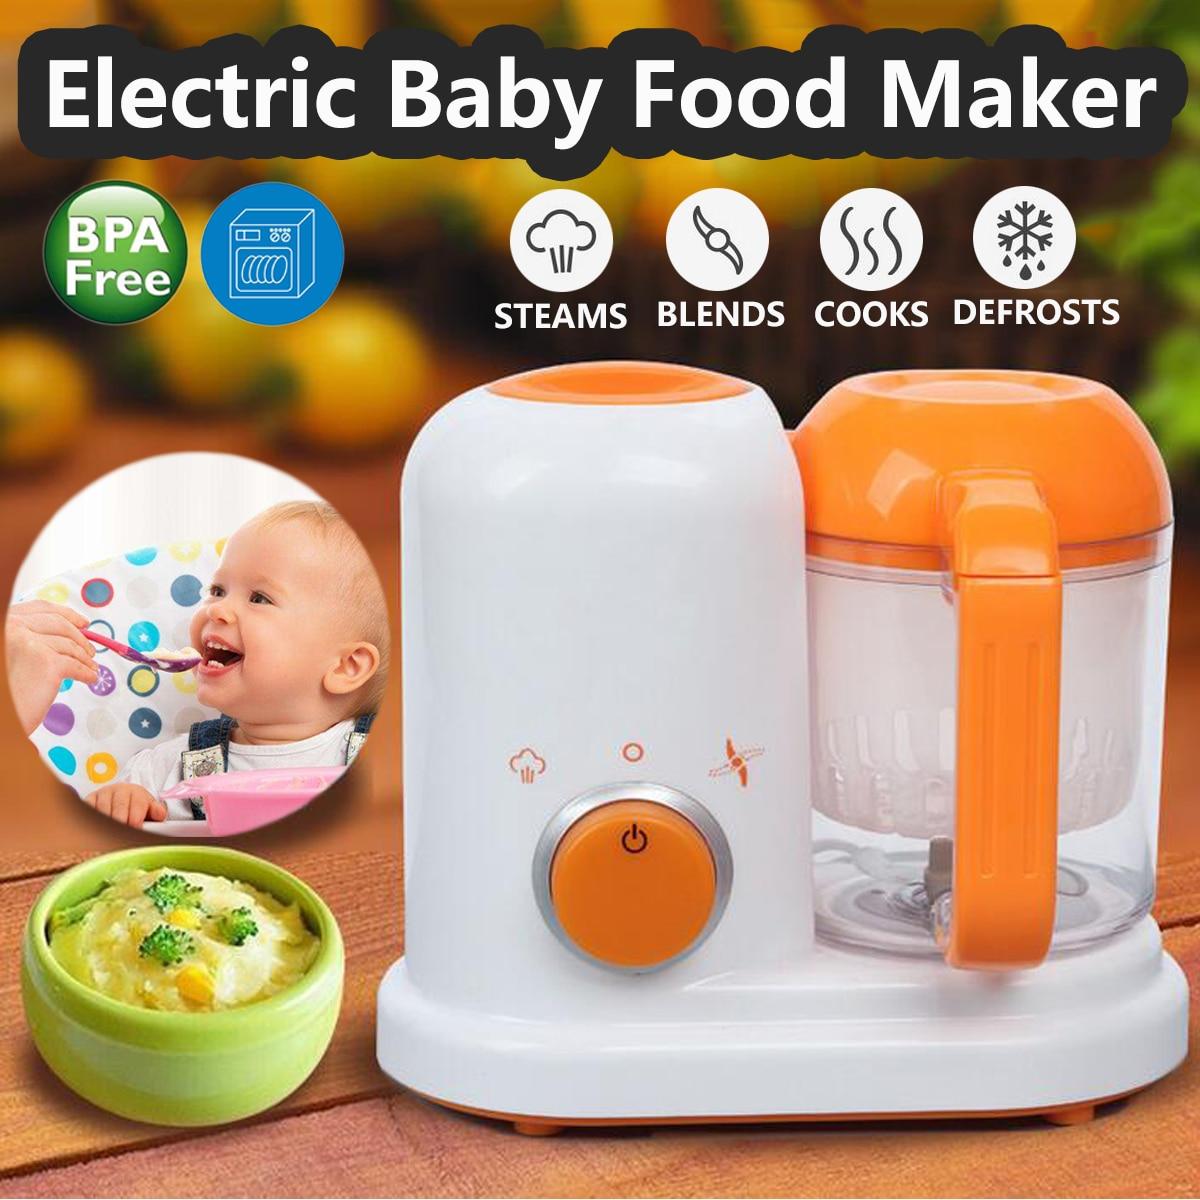 Fabricante elétrico do alimento do bebê tudo em um processador do vapor dos liquidificadores da criança bpa comida livre-classificada pp ue ac 200-250 v vapor alimento seguro